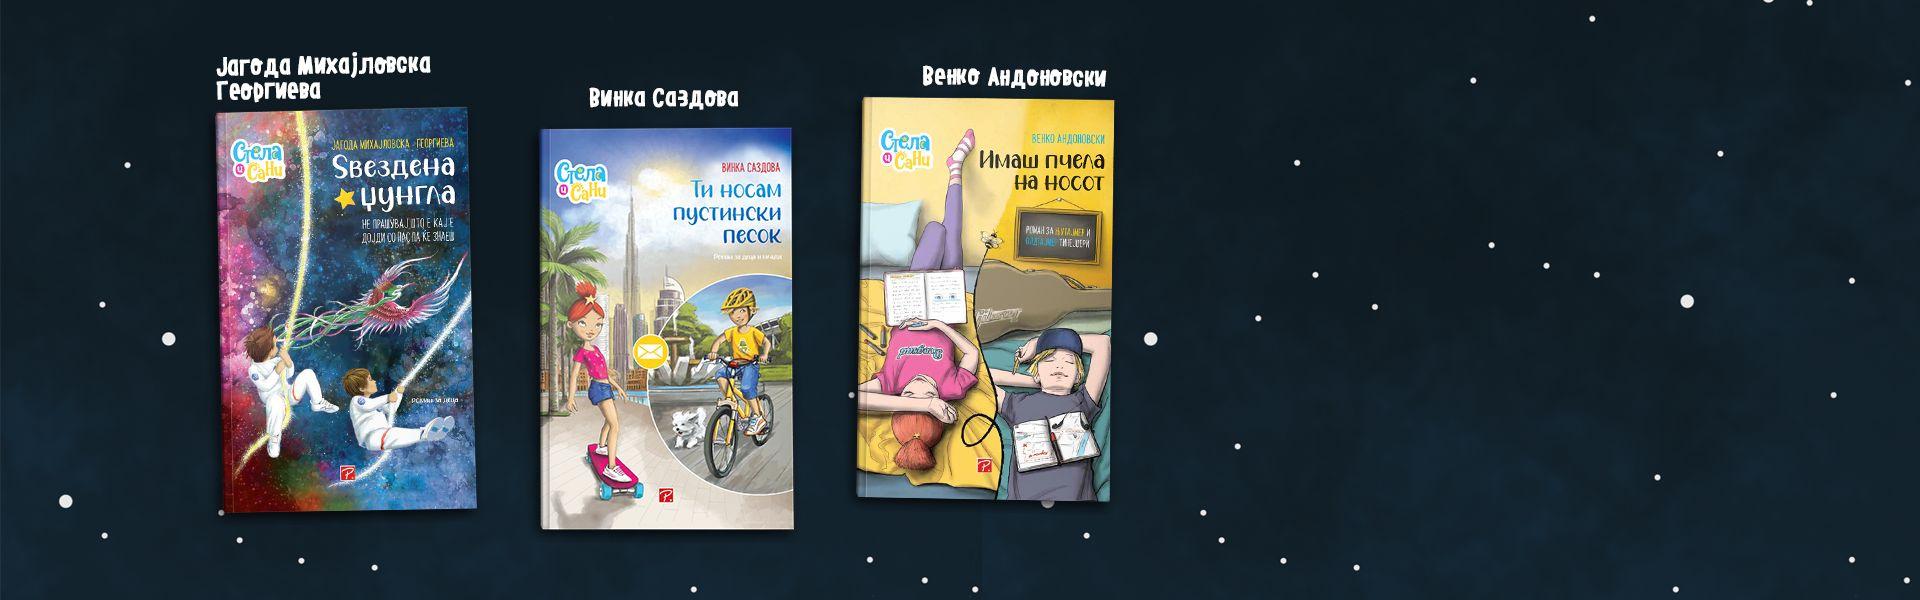 Три нови романи